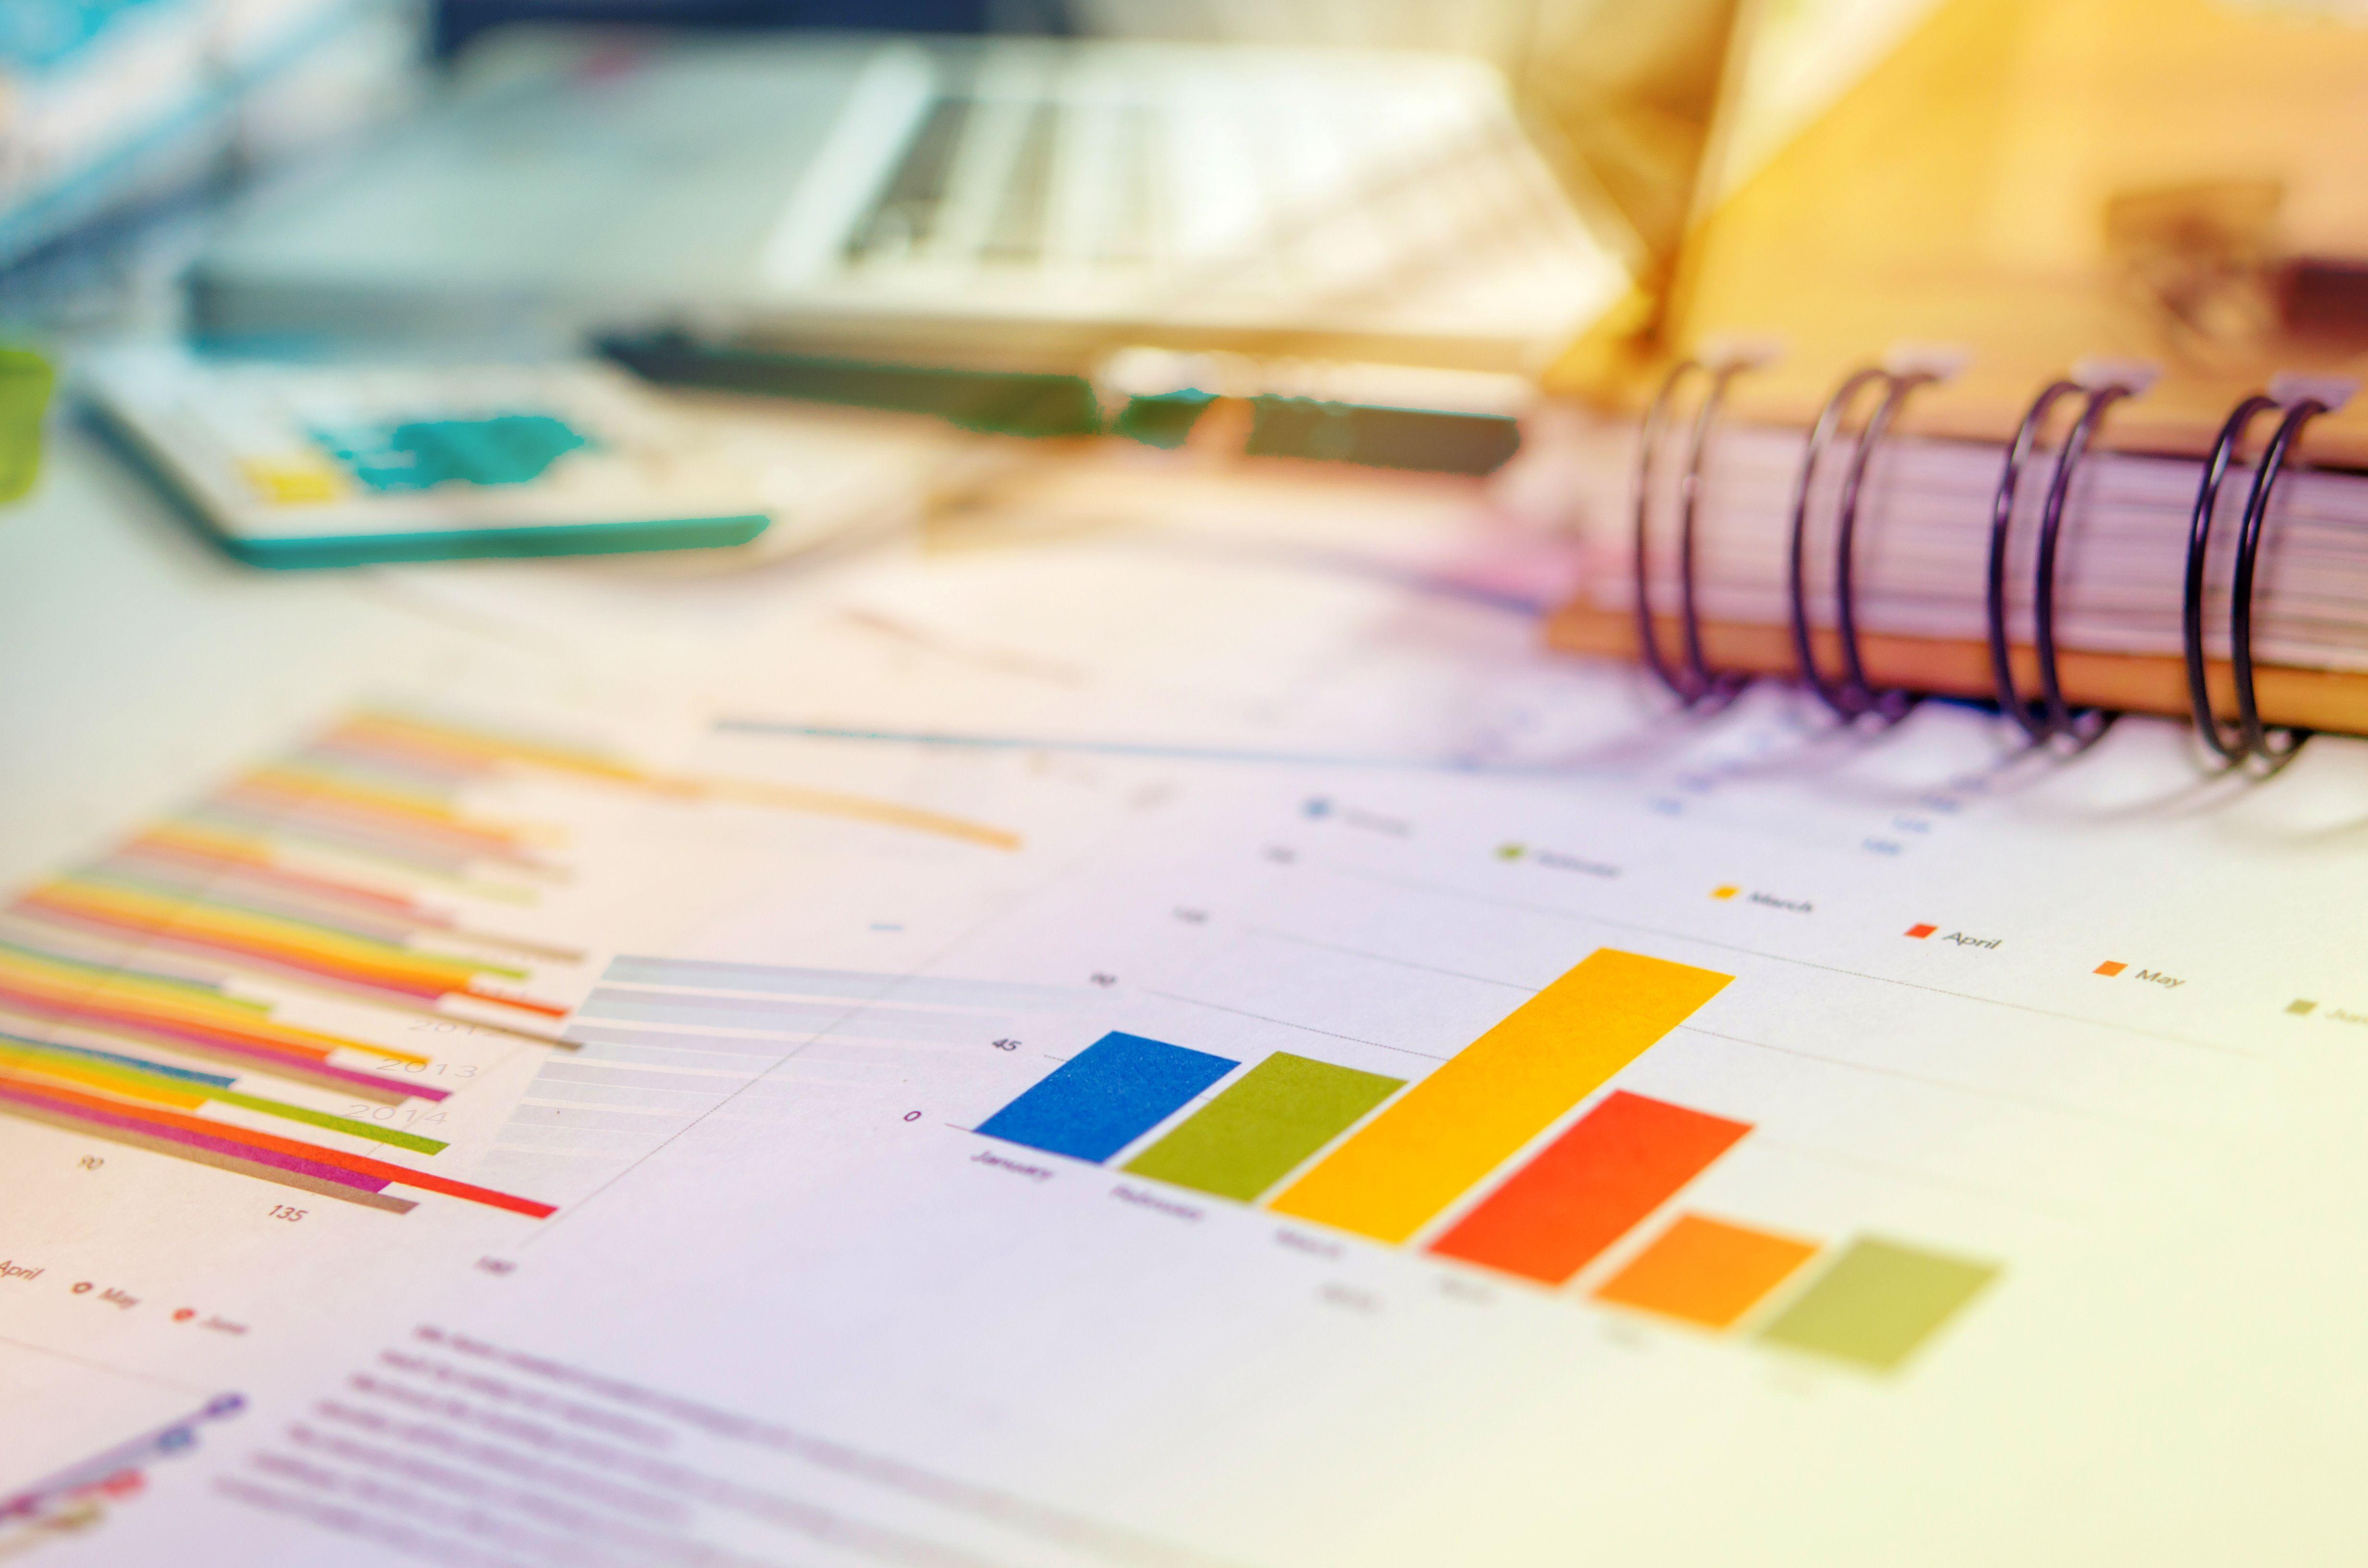 Wissen, was den Markt bewegt – Innovative Produkte und Services